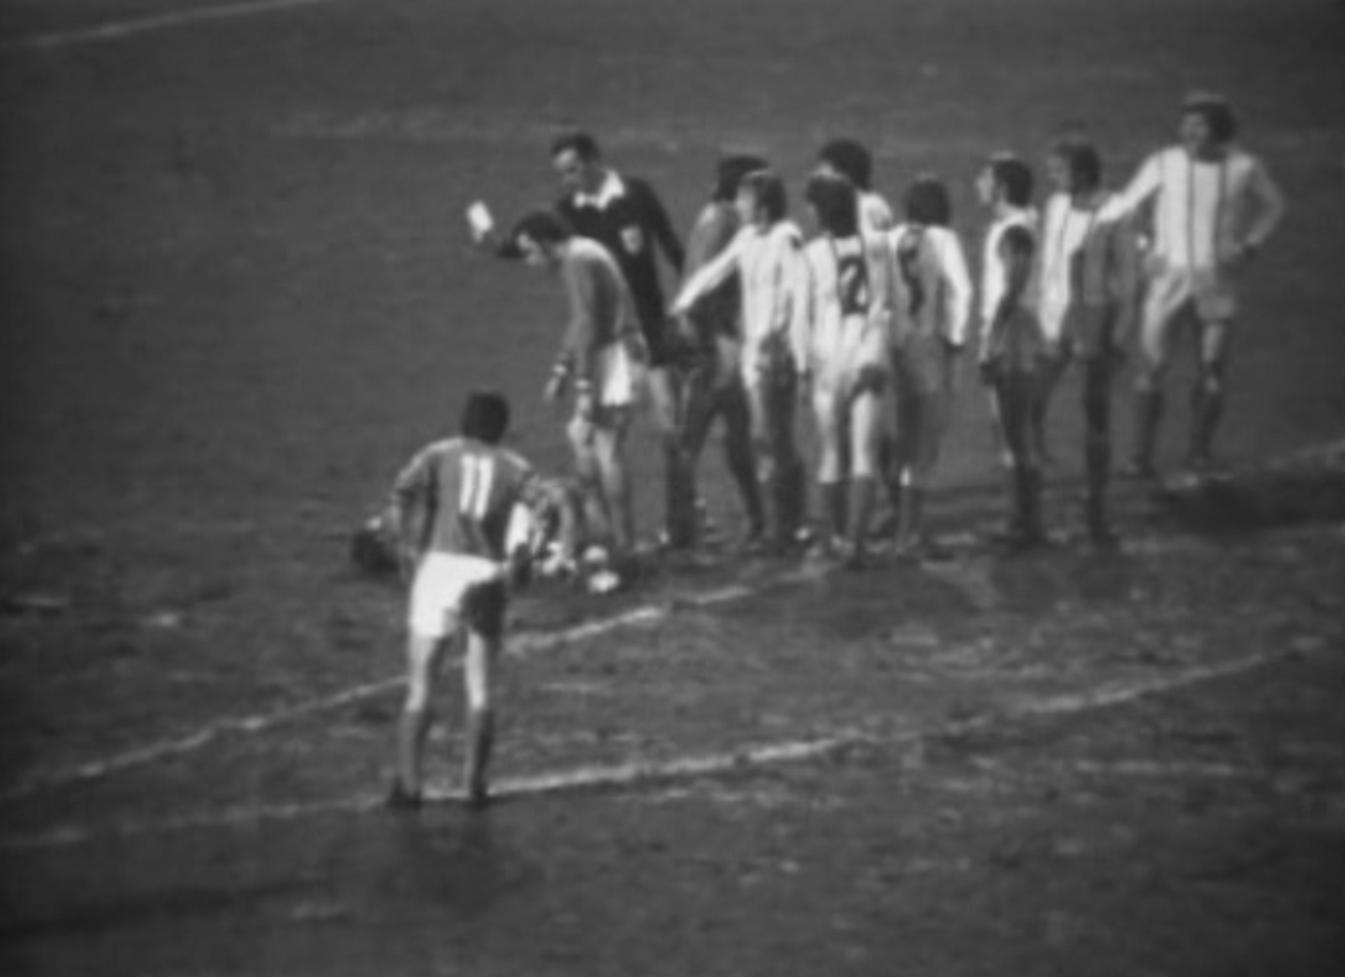 Ruch Chorzów - AS Saint-Étienne 3:2 (05.03.1975)